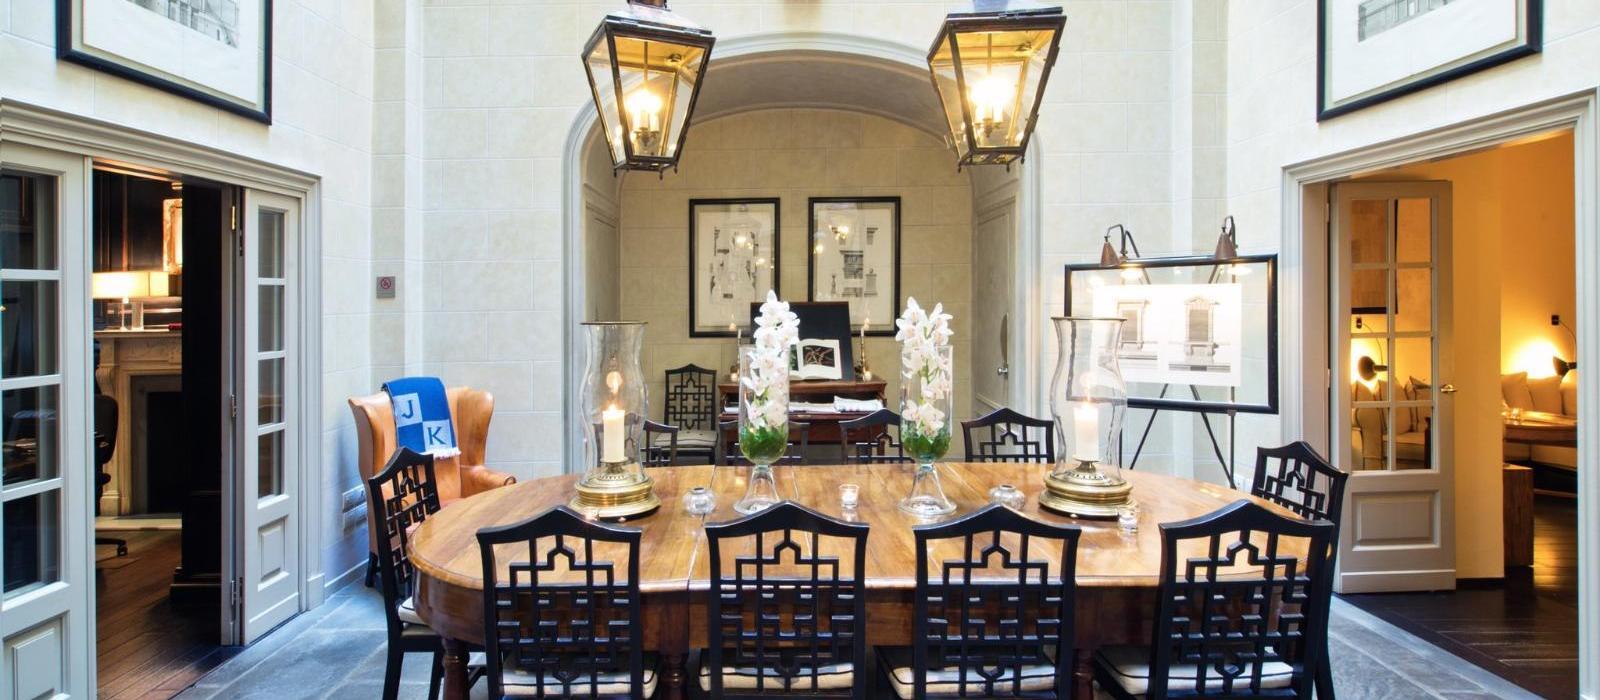 佛罗伦萨珮麗轩酒店(The Place Firenze) 图片  www.lhw.cn